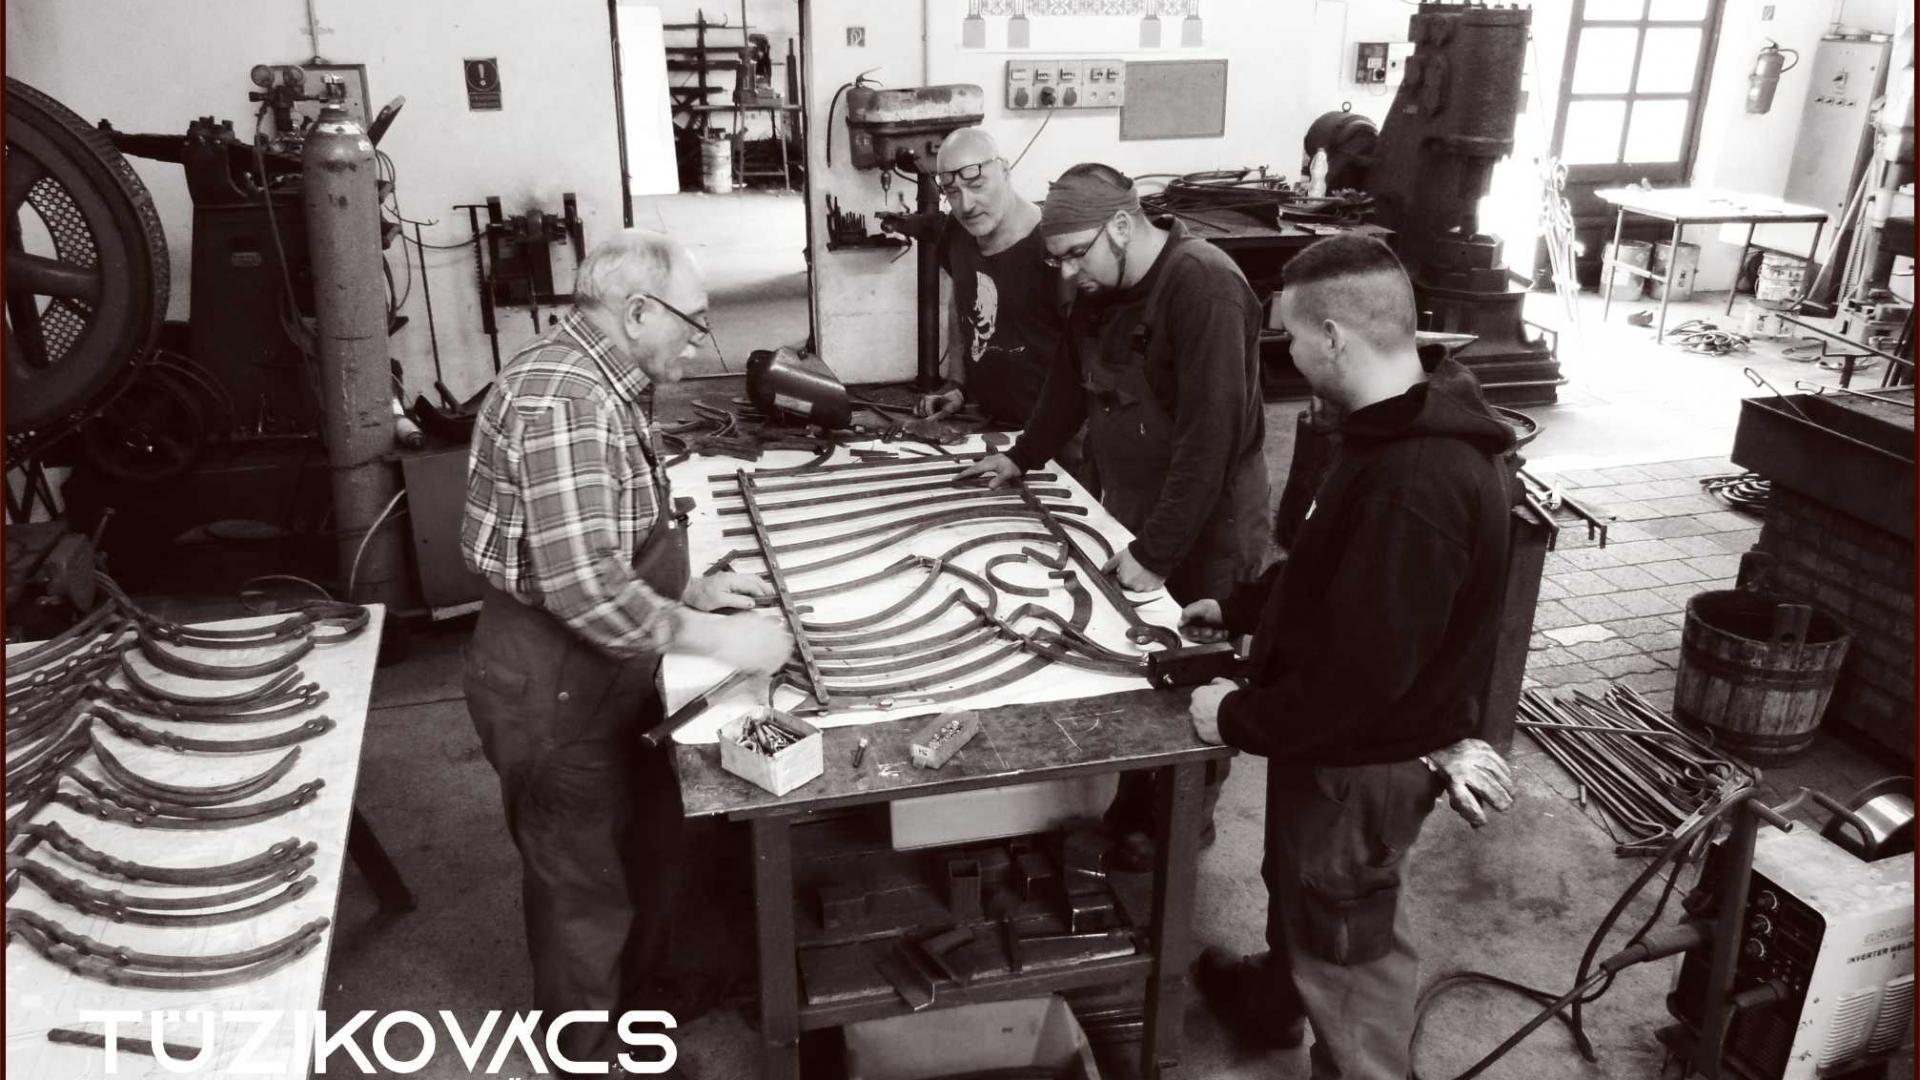 Kovácsmesterek munkában